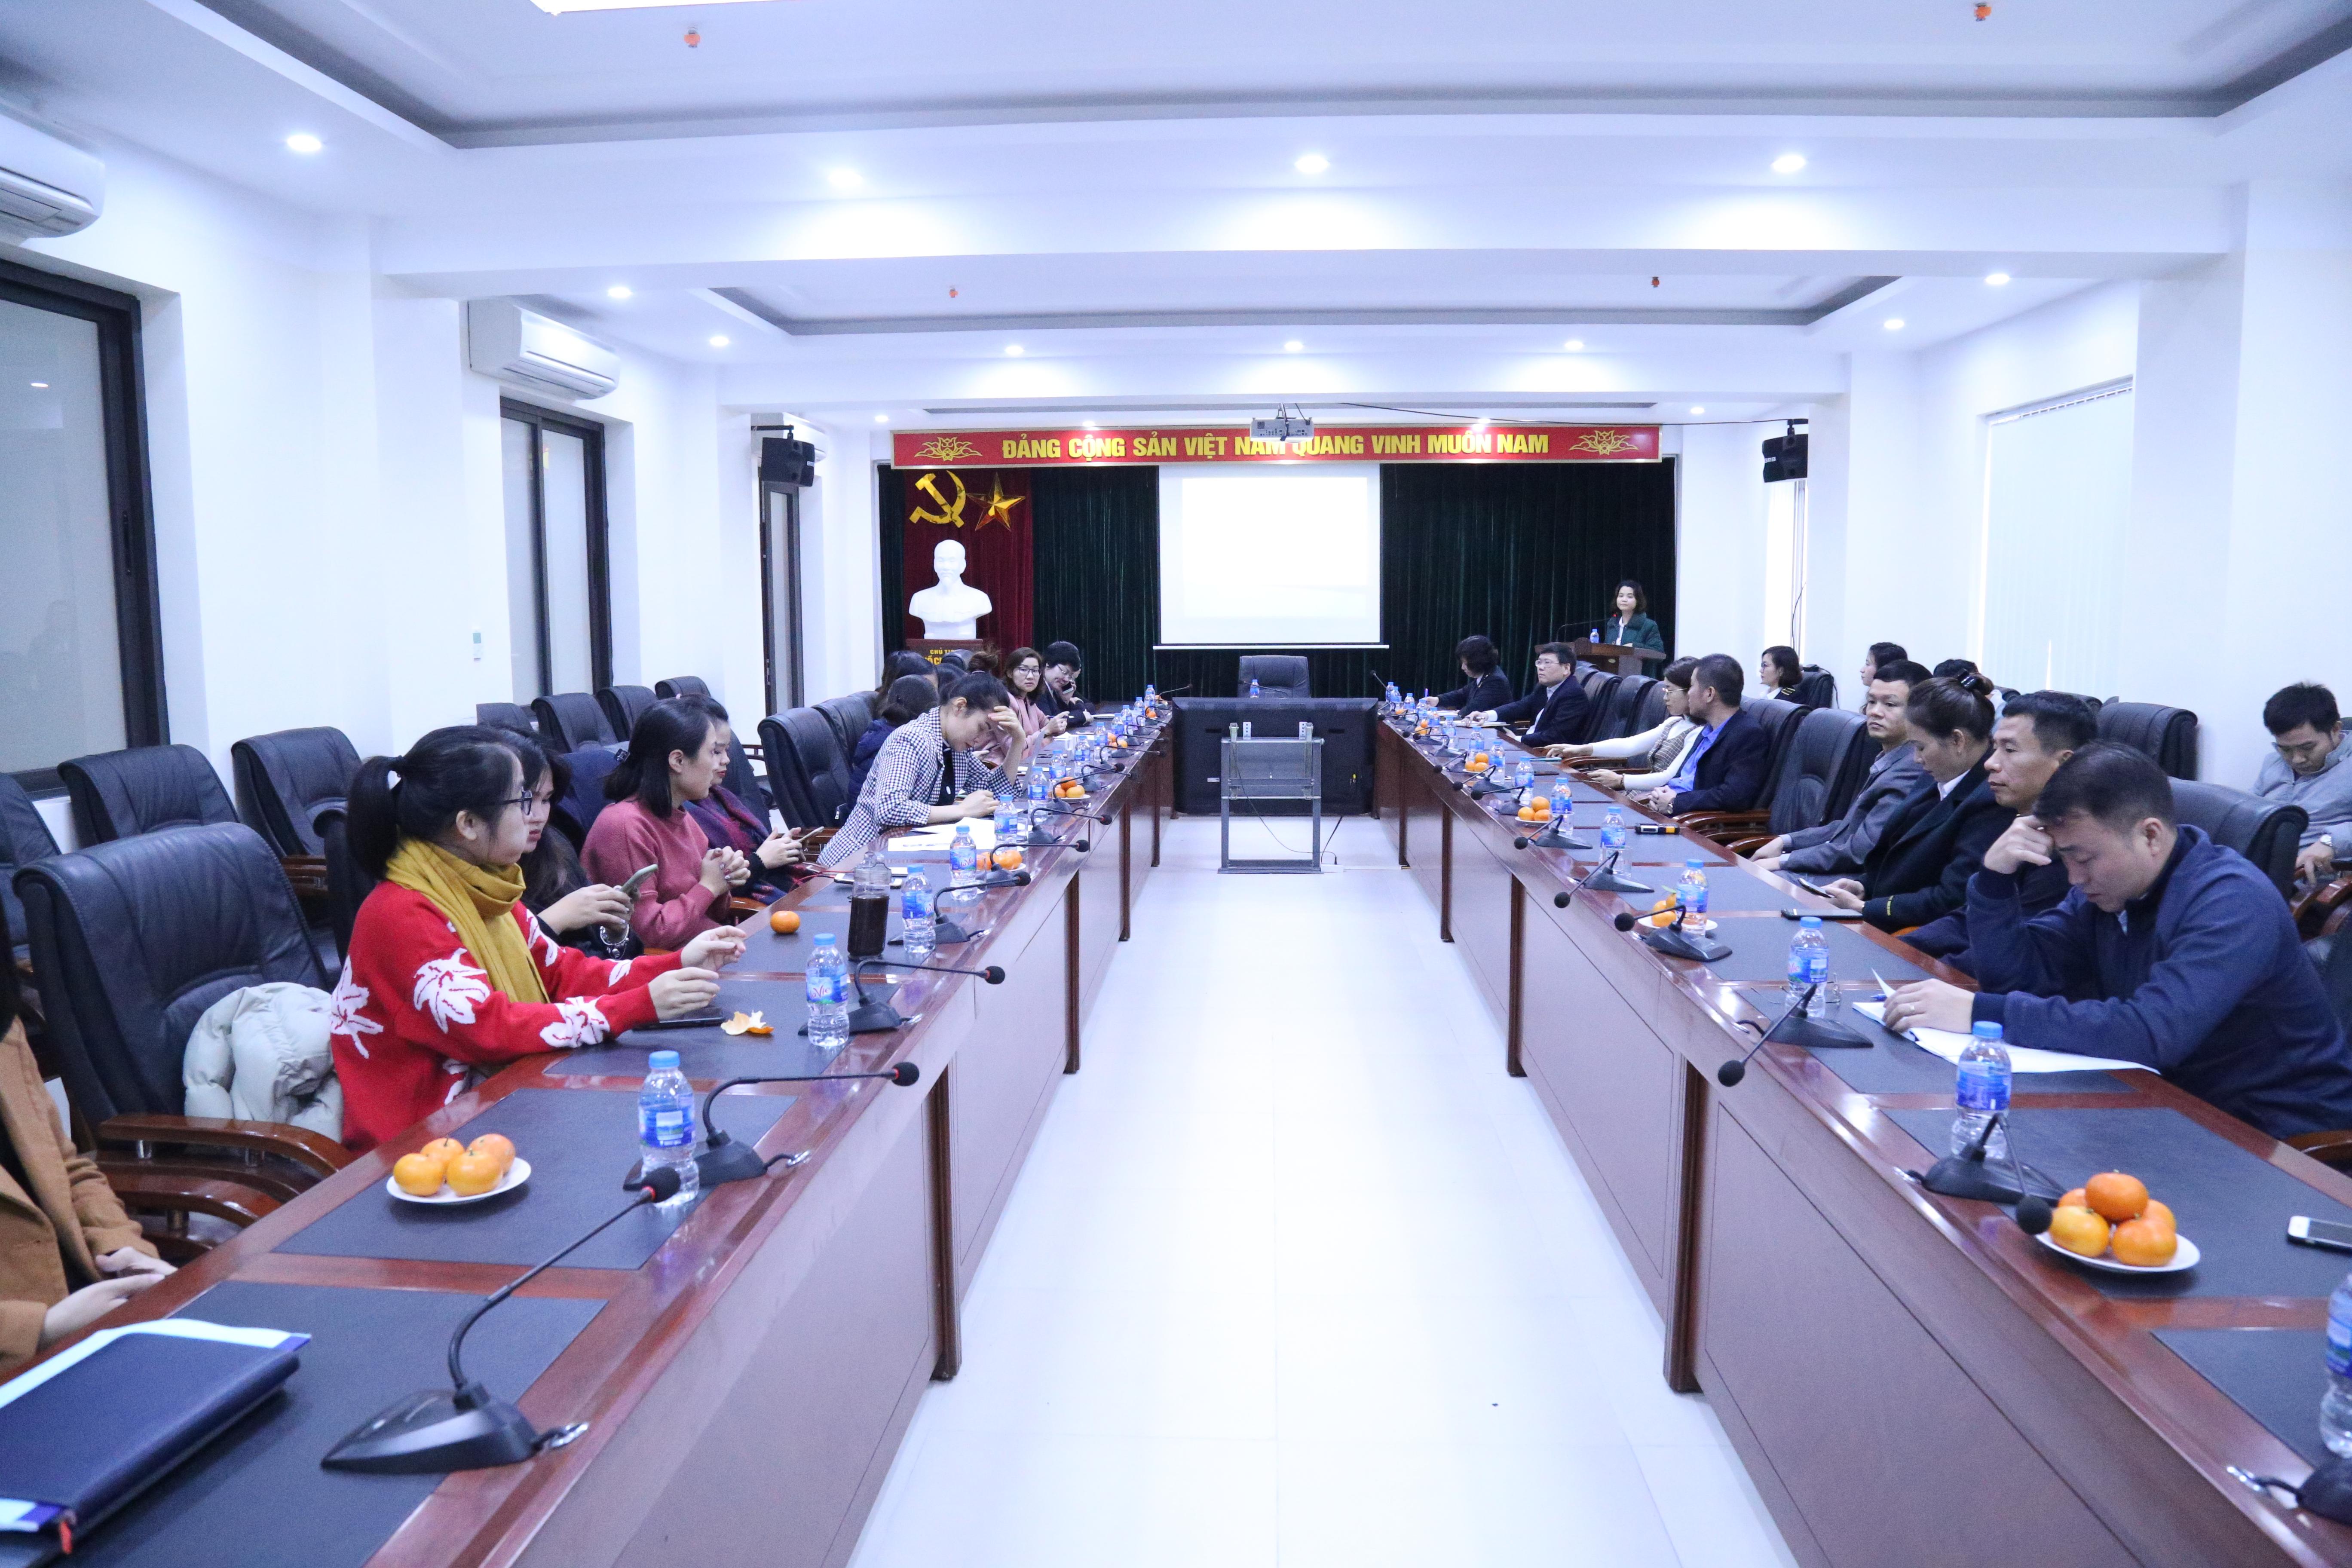 Công đoàn Trường ĐT&BD nghiệp vụ kiểm toán đã tổ chức tổng kết công tác năm 2019 và triển khai nhiệm vụ năm 2020